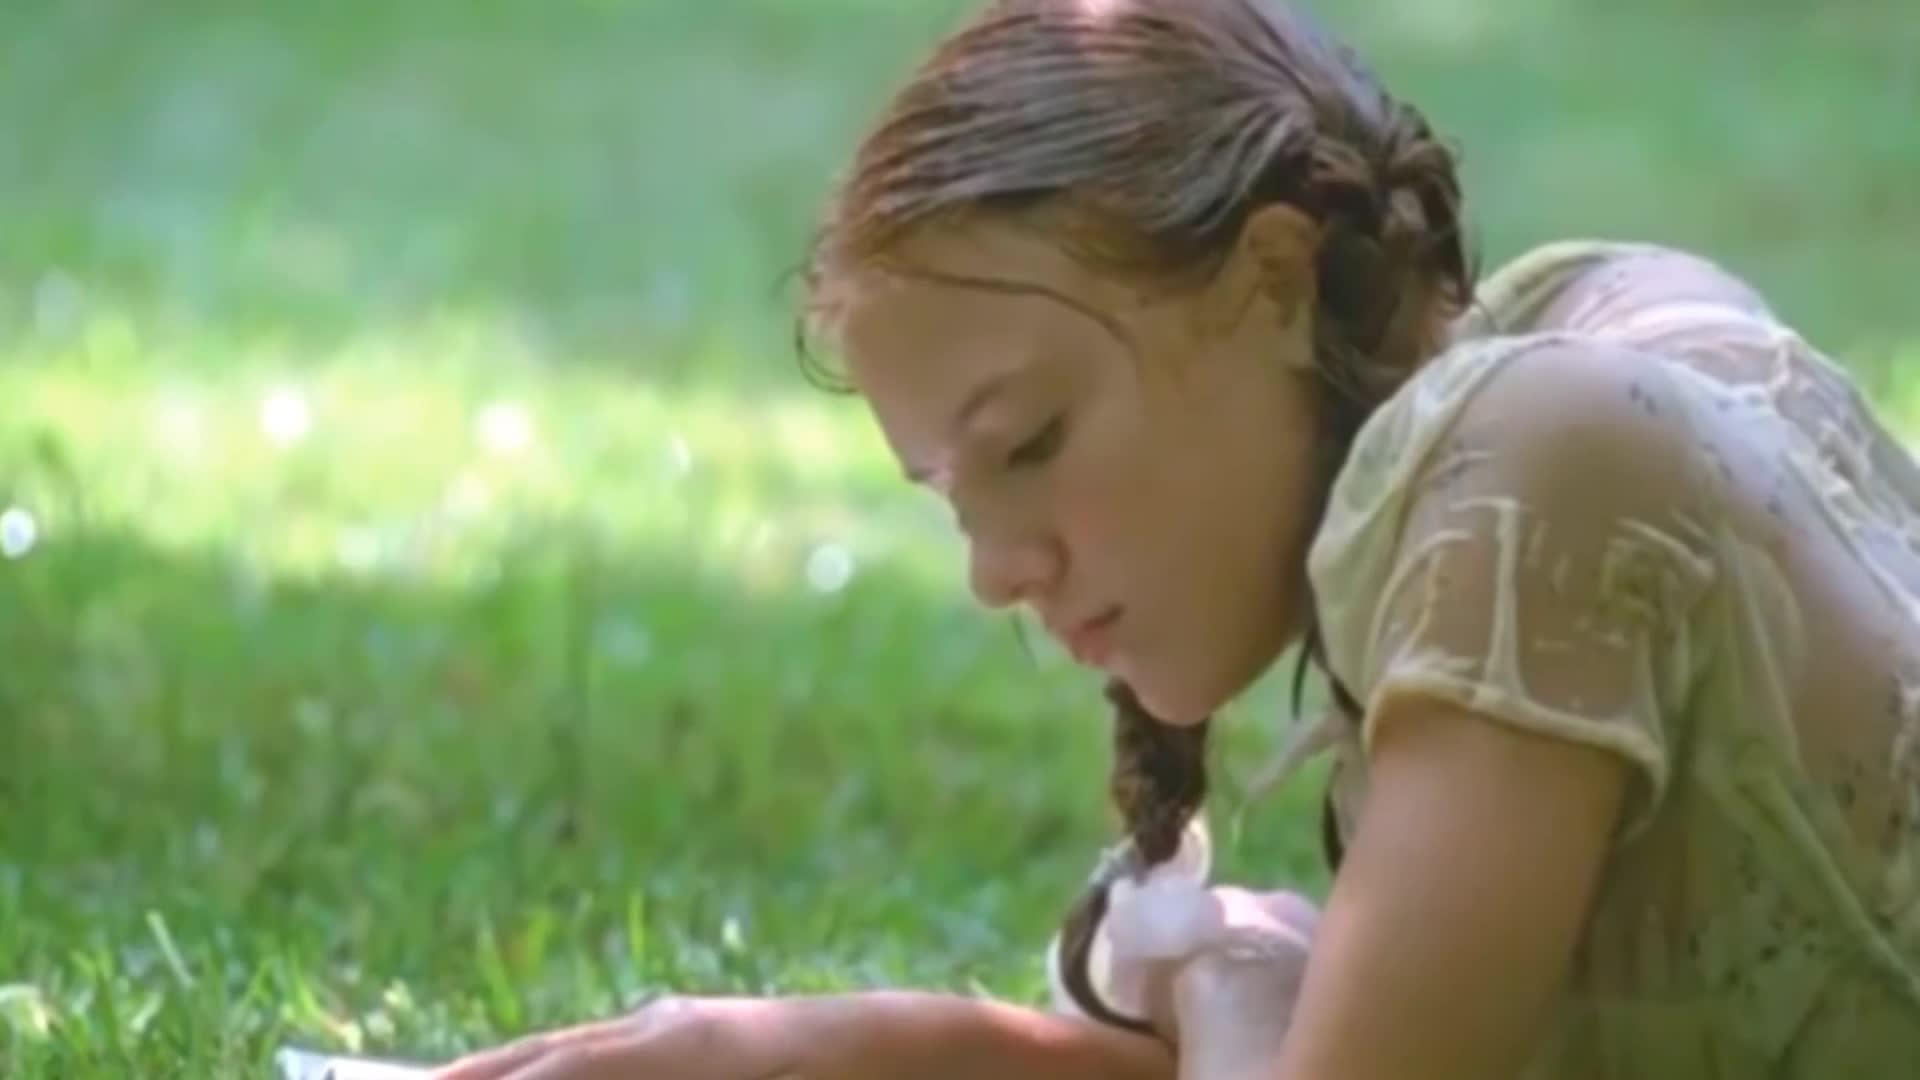 14岁少女和大叔唯美老少恋,洛丽塔身躯迷人,